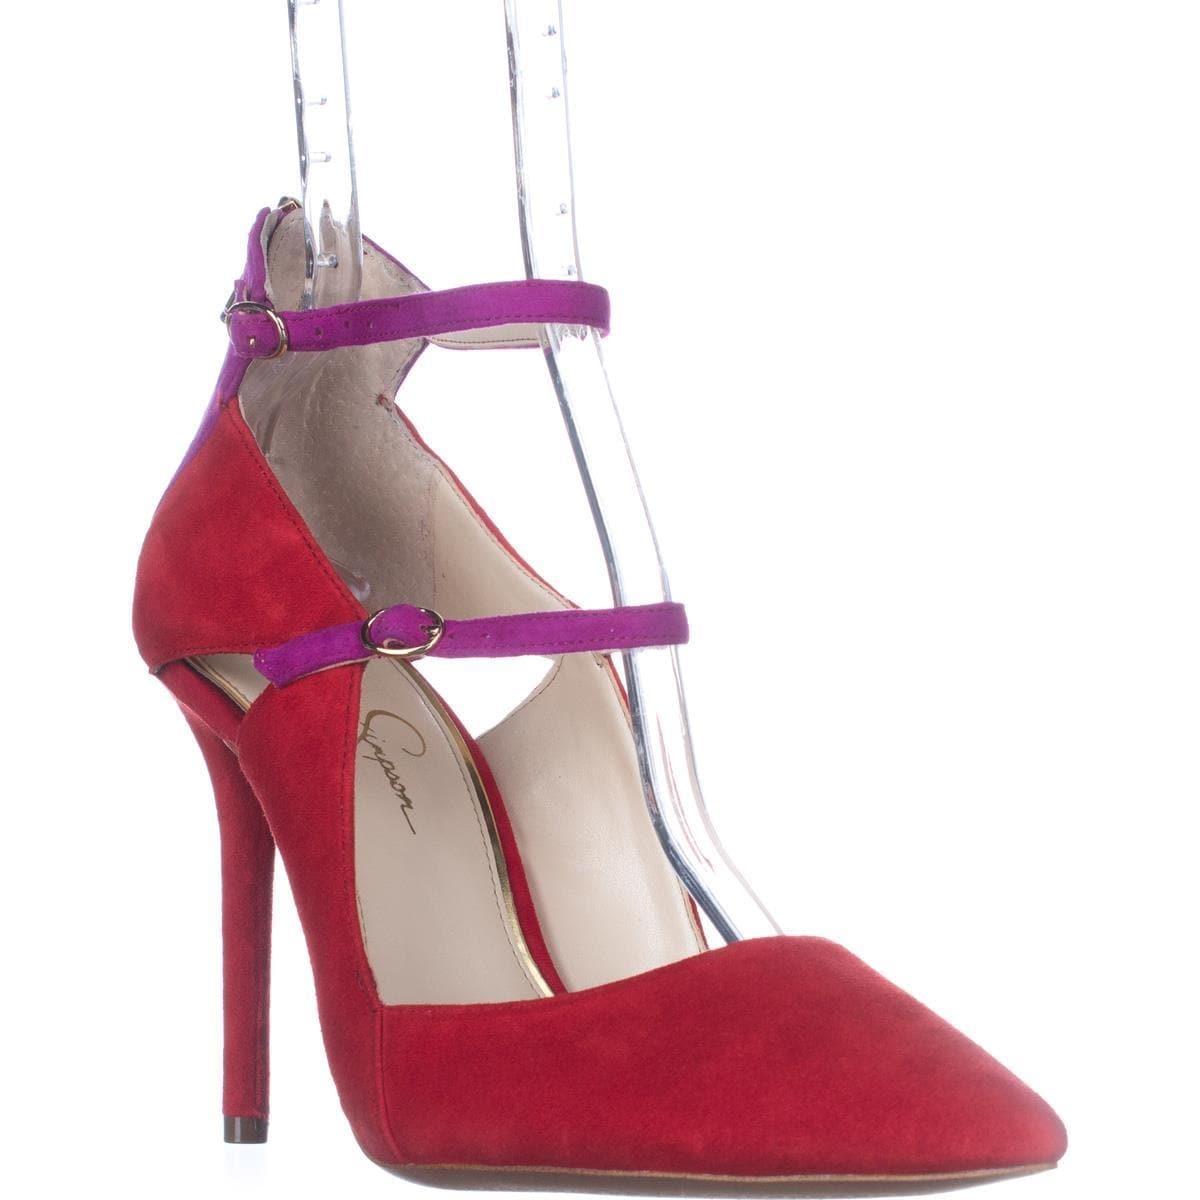 3a906cea6d1 Shop Jessica Simpson Liviana Ankle Strap Pumps